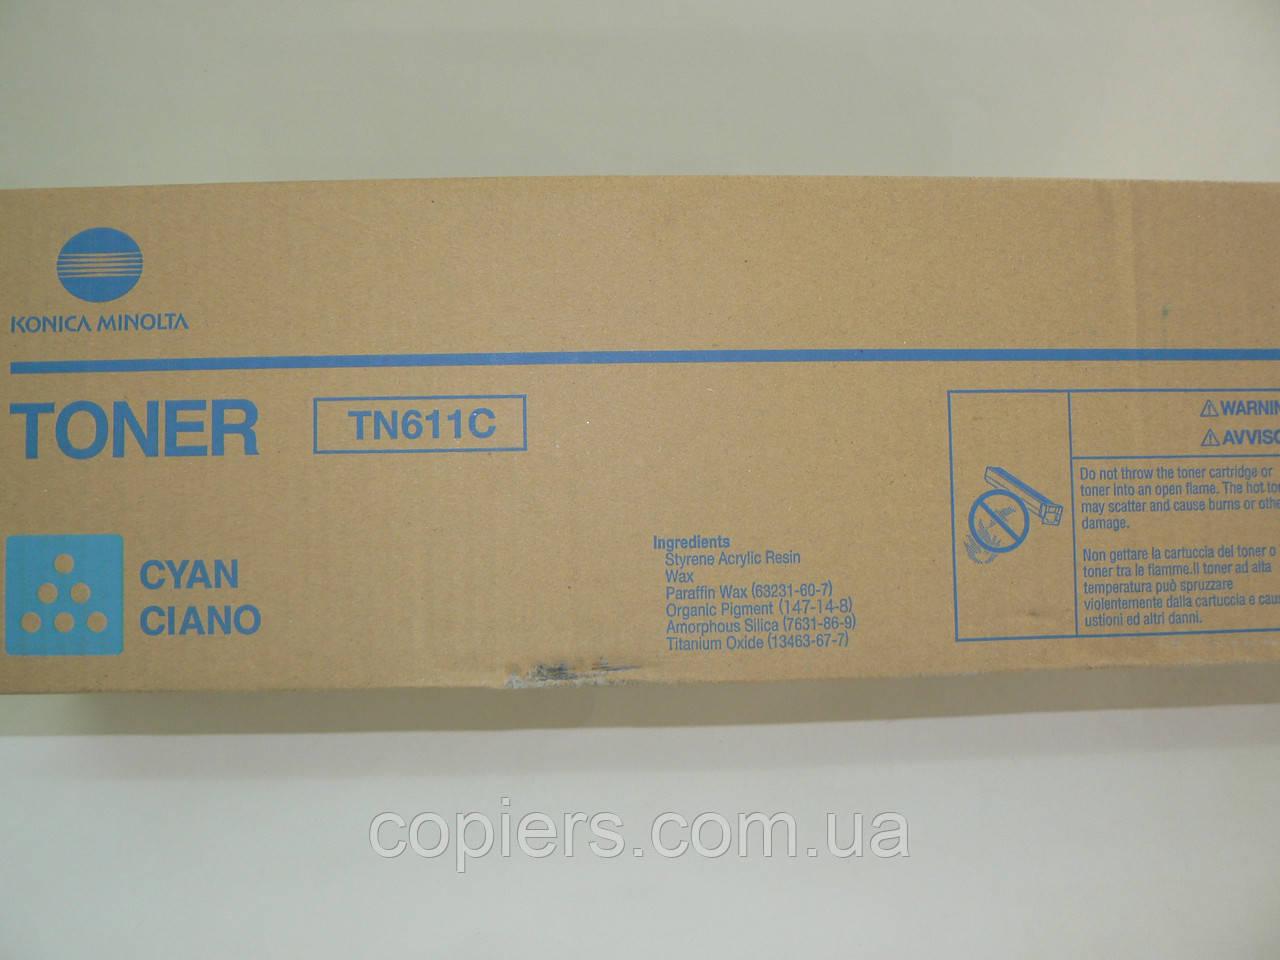 Toner TN 611 С, bizhub C451, C550, C650, 27t, 460g, оригинал Konica Minolta